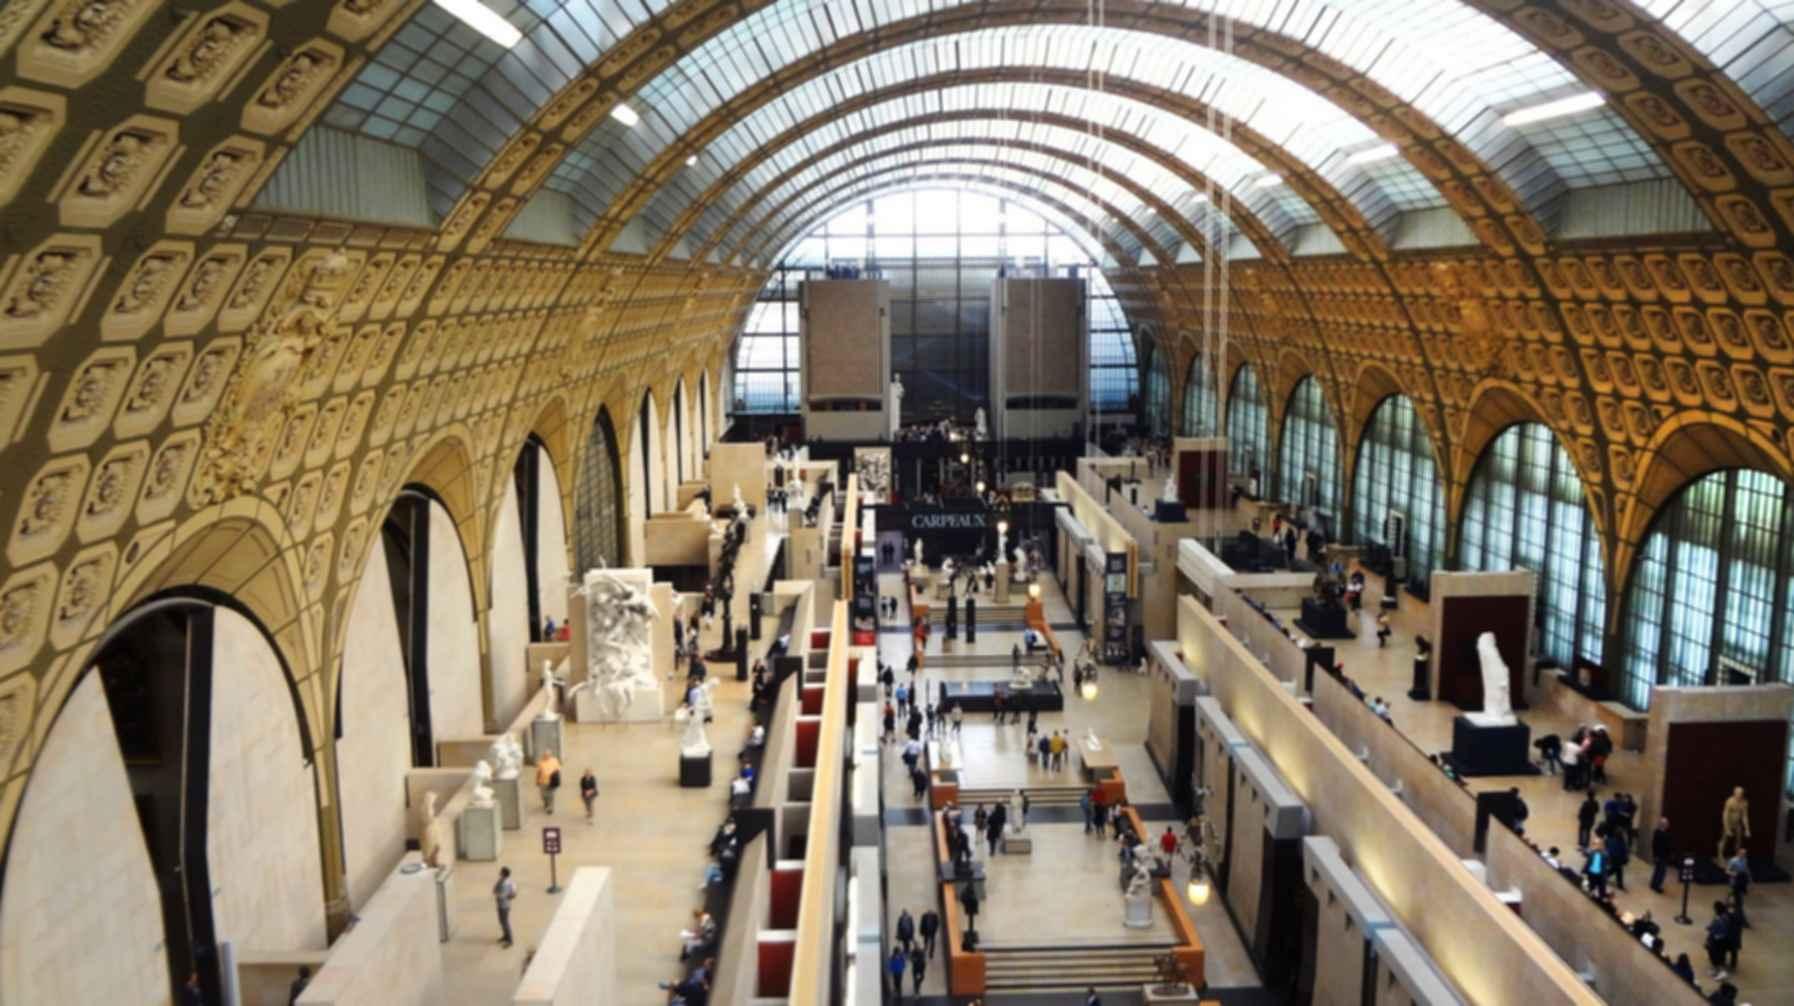 Musee D Orsay Interior Modlar Com